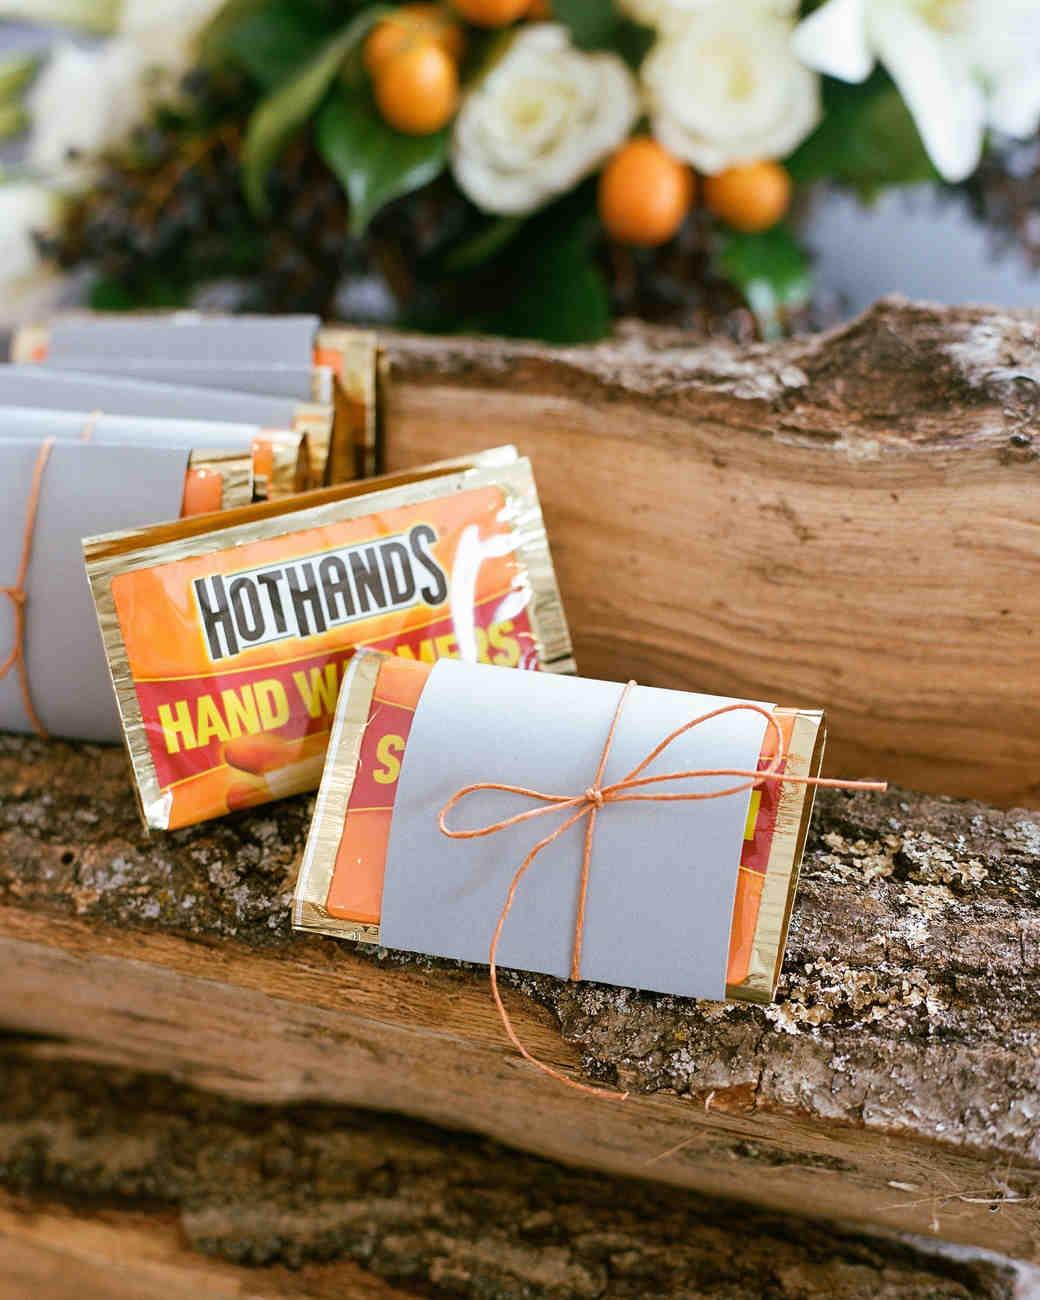 molly-sam-wedding-handwarmer-0614.jpg